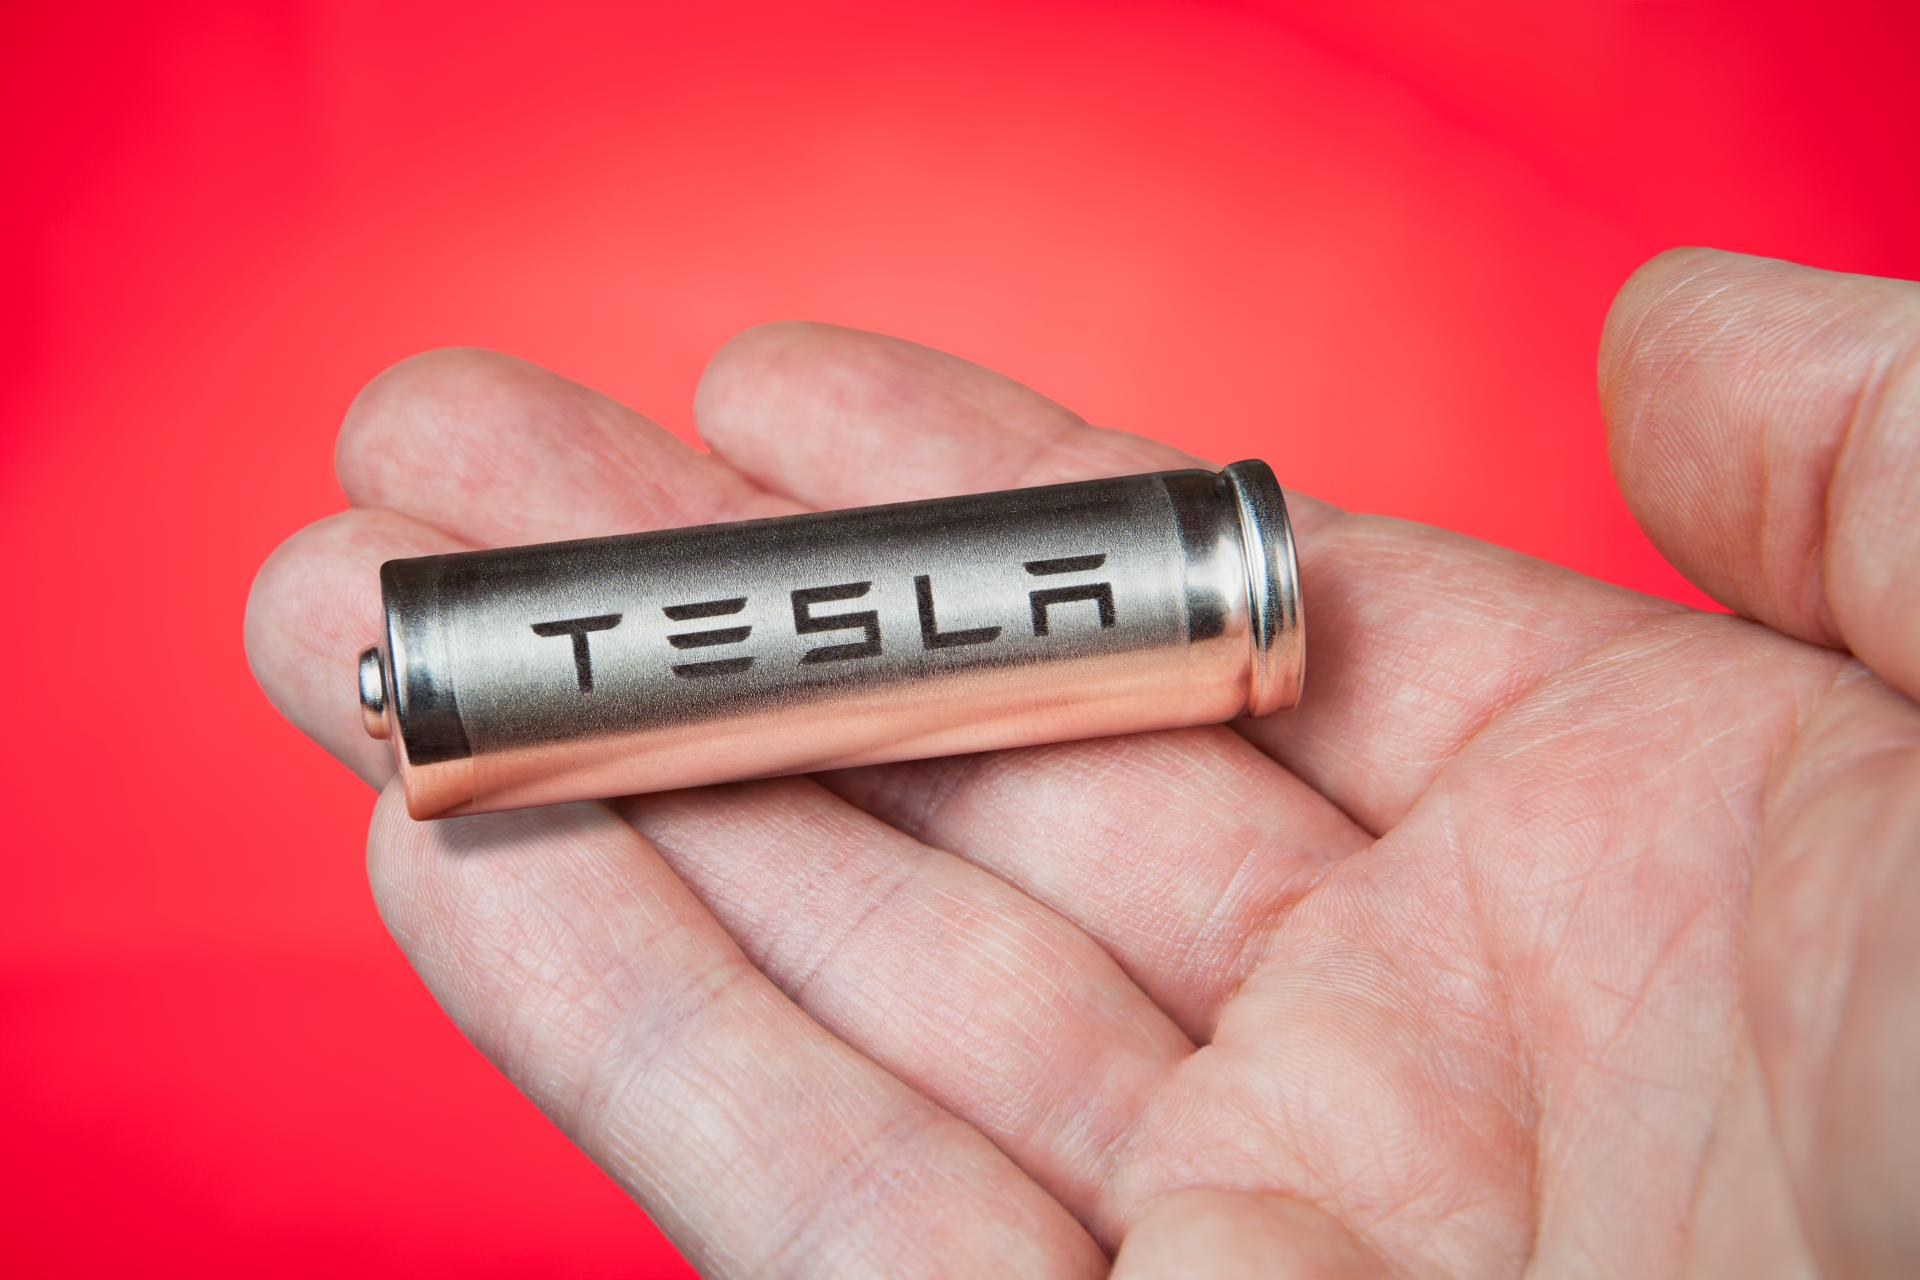 Tesla stellt neue 4680-Batteriezelle vor: 500% mehr Energie, 6-fache Leistung, größere Reichweite